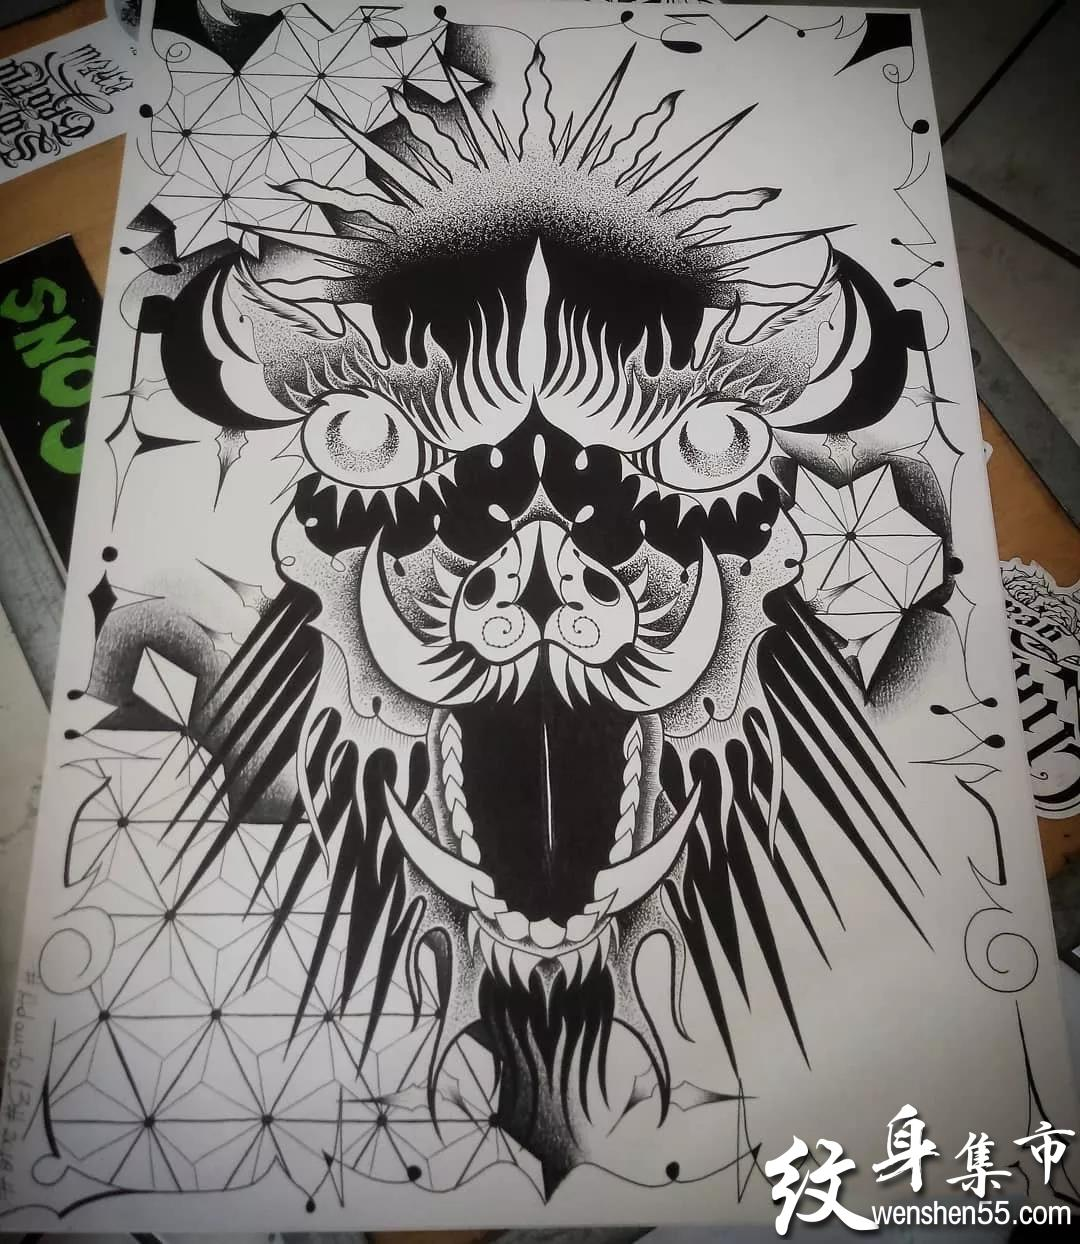 野猪纹身,野猪纹身手稿,野猪纹身手稿图案